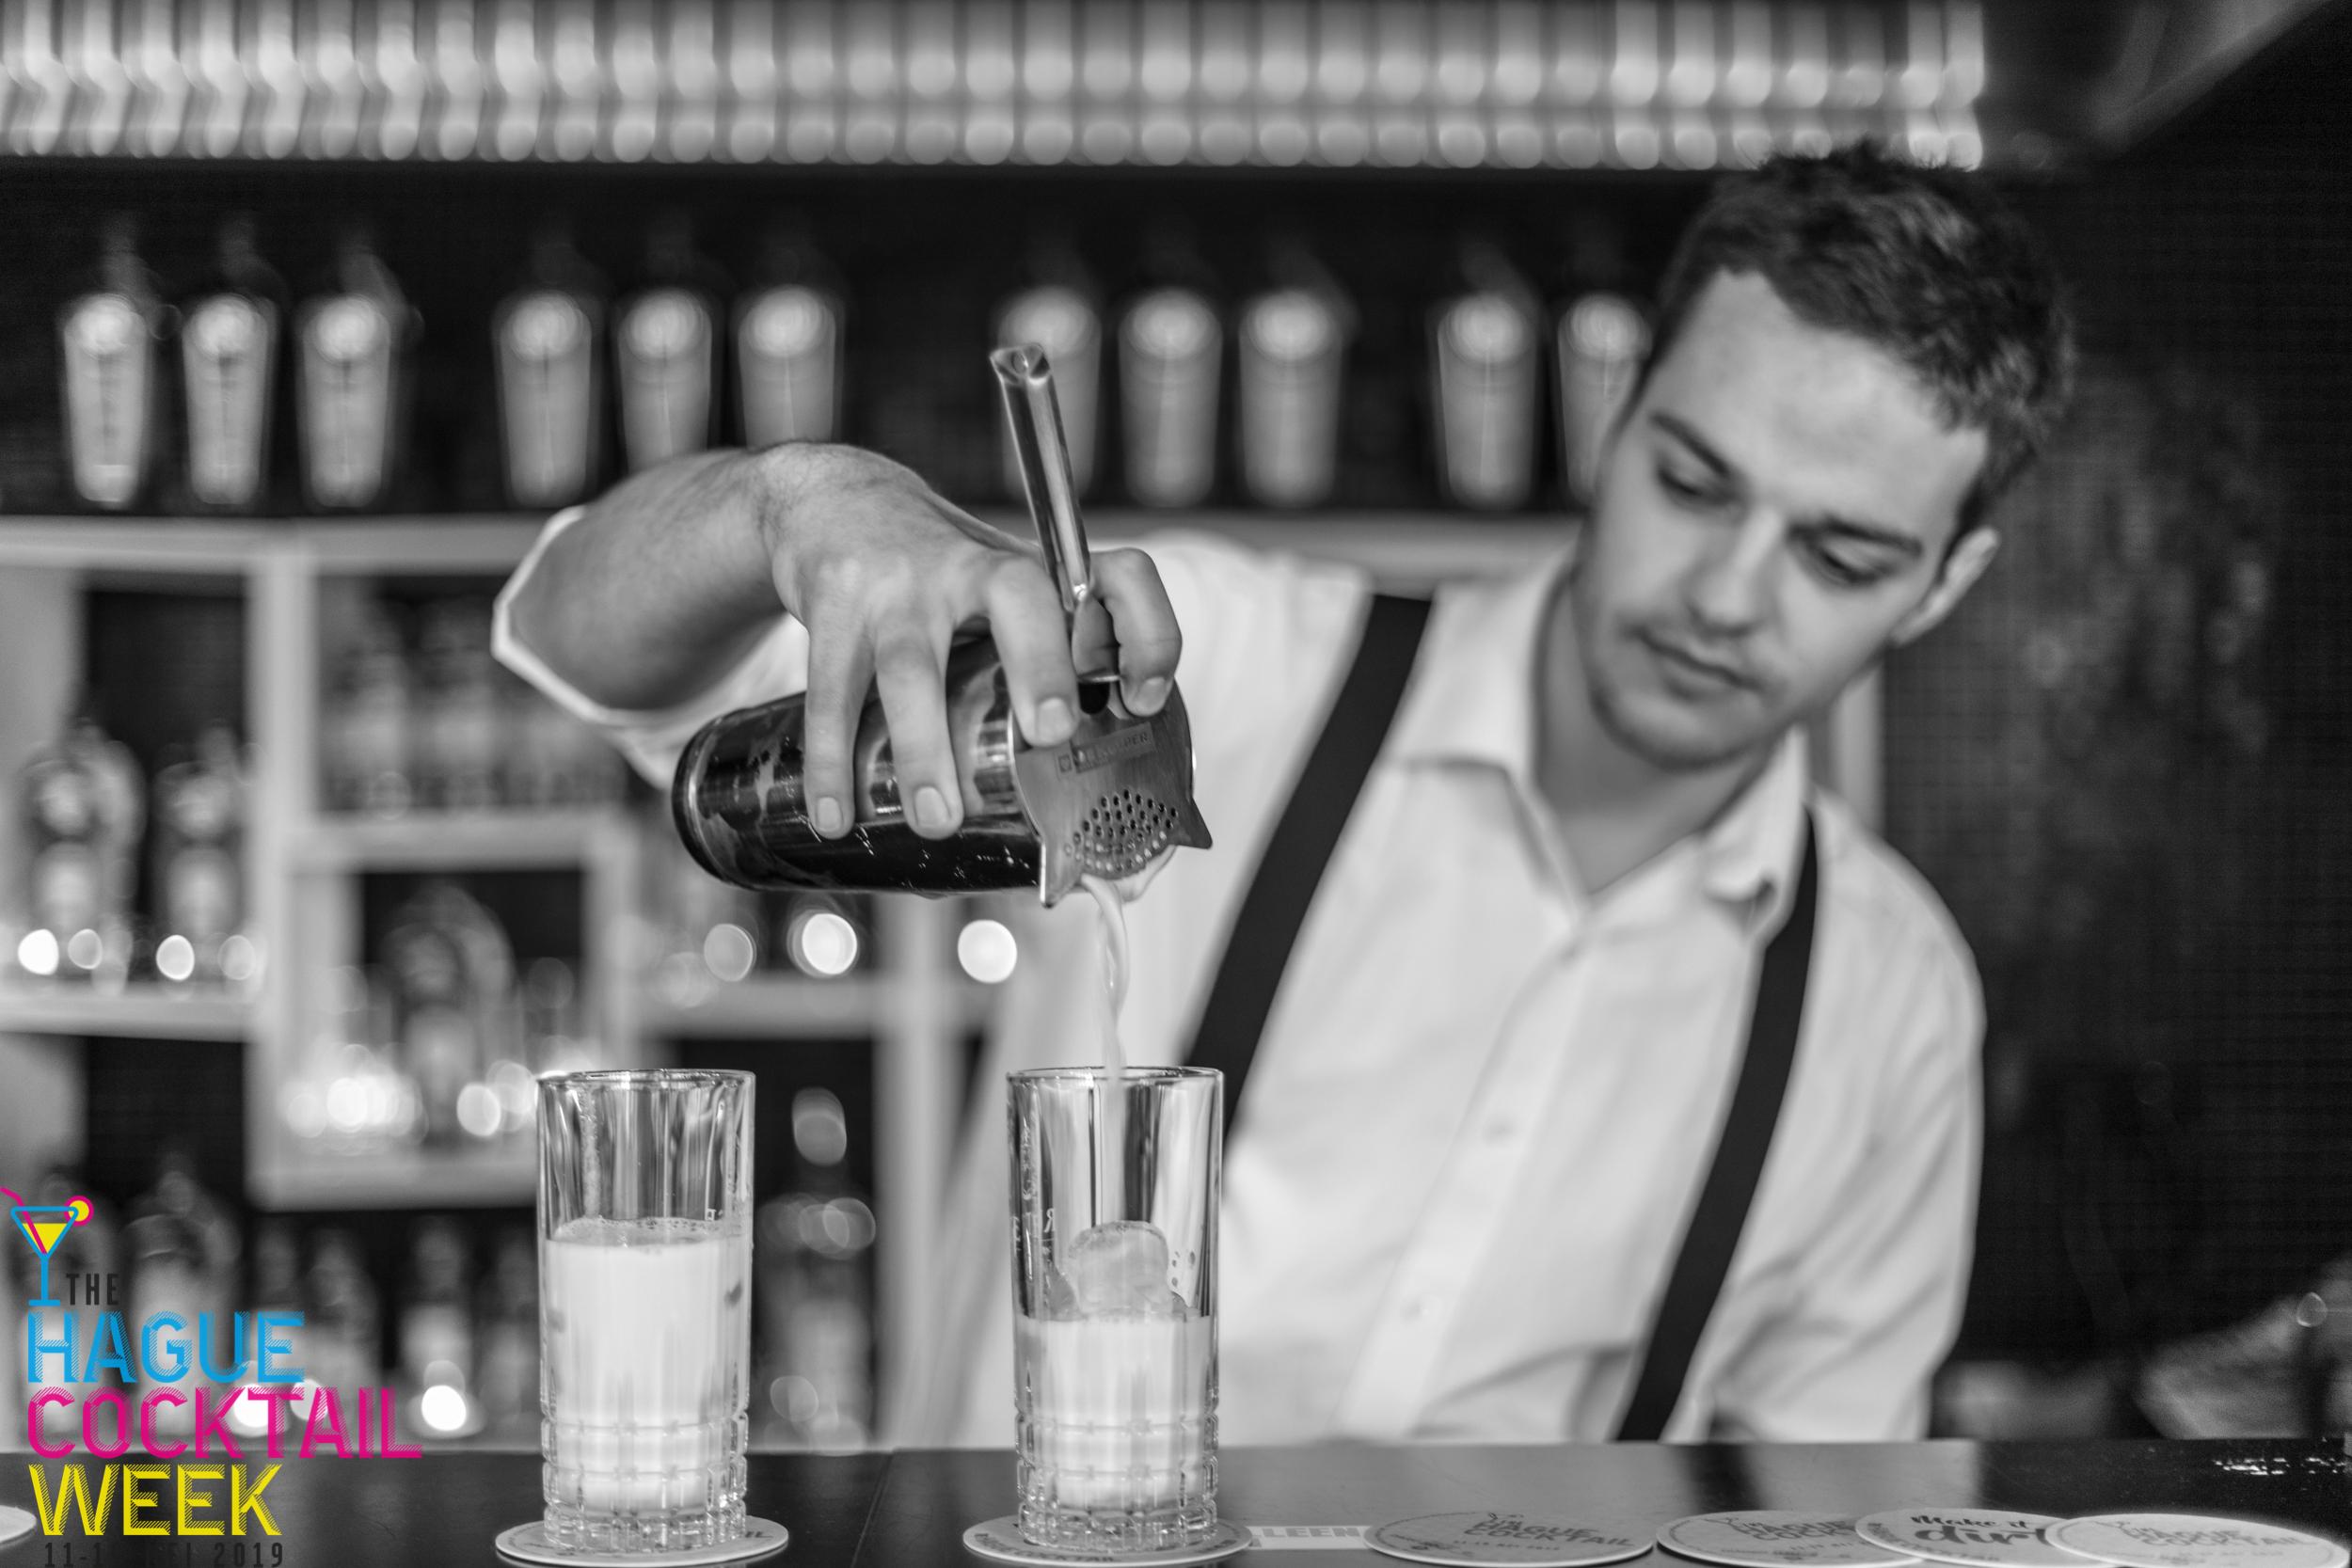 HofHouse | The Hague Cocktailweek-6-2.jpg